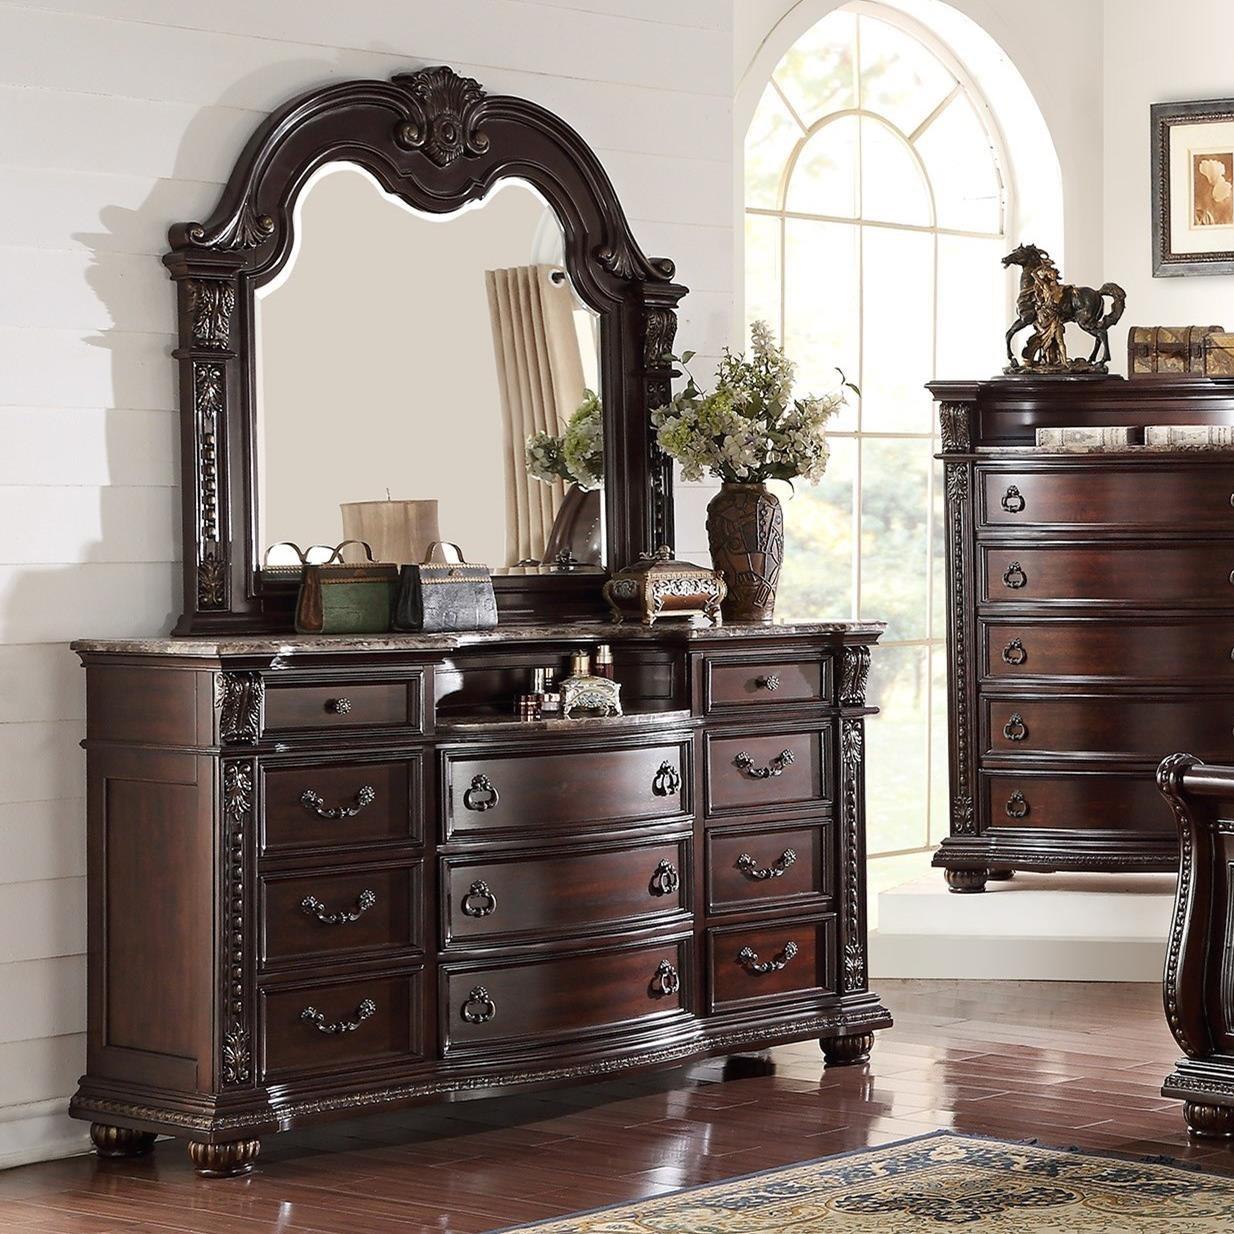 Crown mark stanley bedroom traditional dresser and mirror set royal furniture dresser for Stanley furniture bedroom set